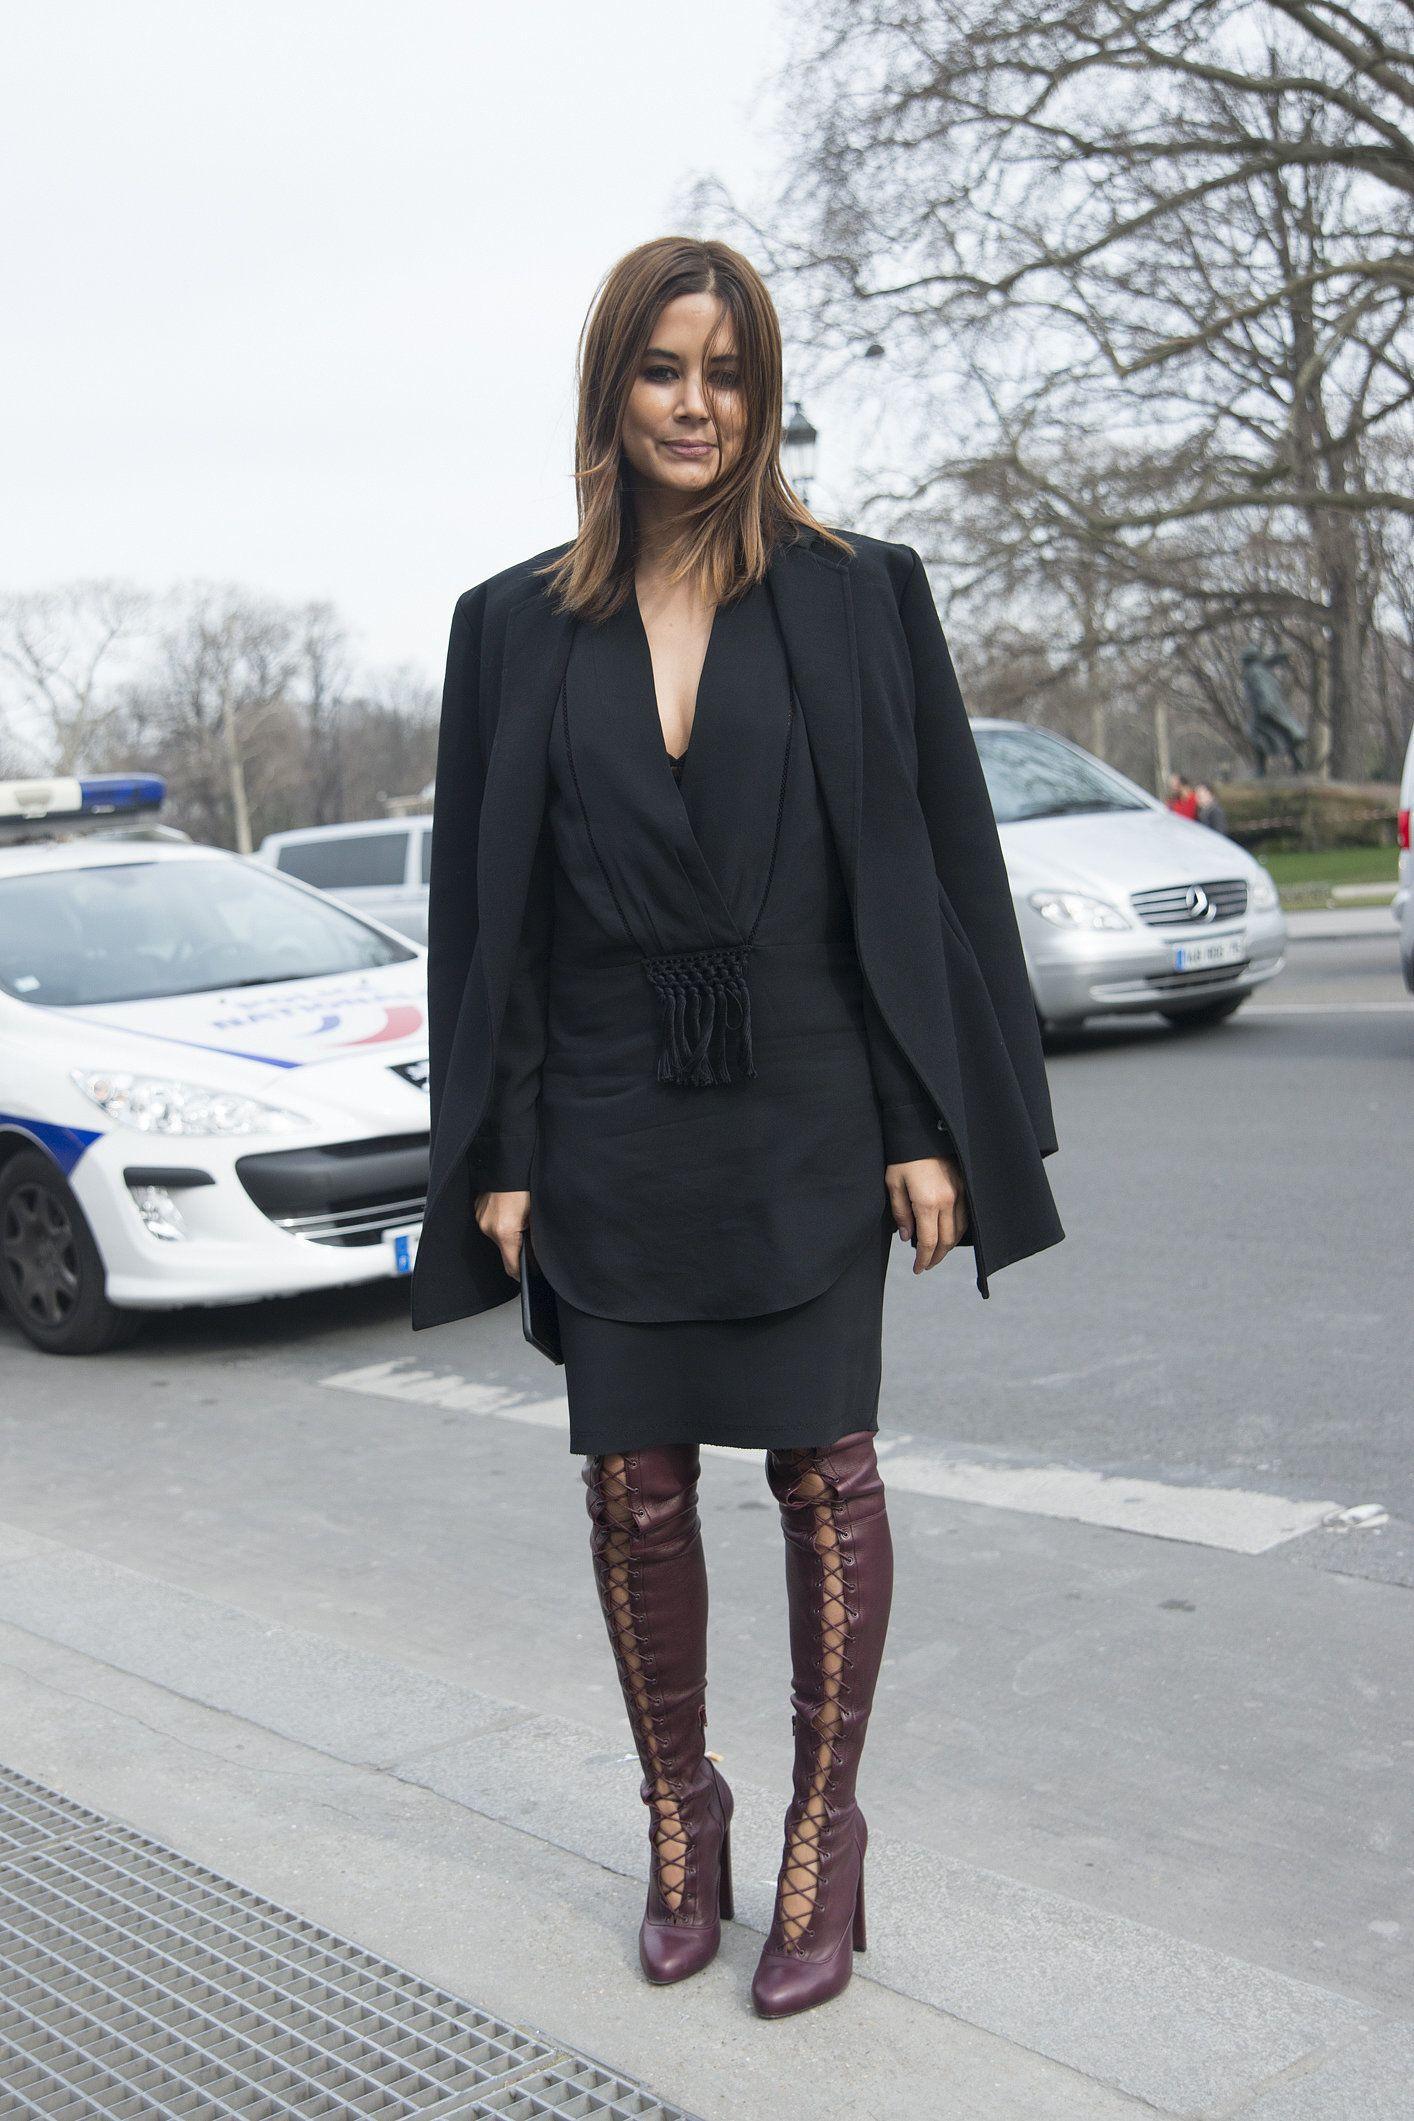 Pour le bureau, il faut faire attention à plusieurs choses: votre petite robe noire ne doit pas être trop c...